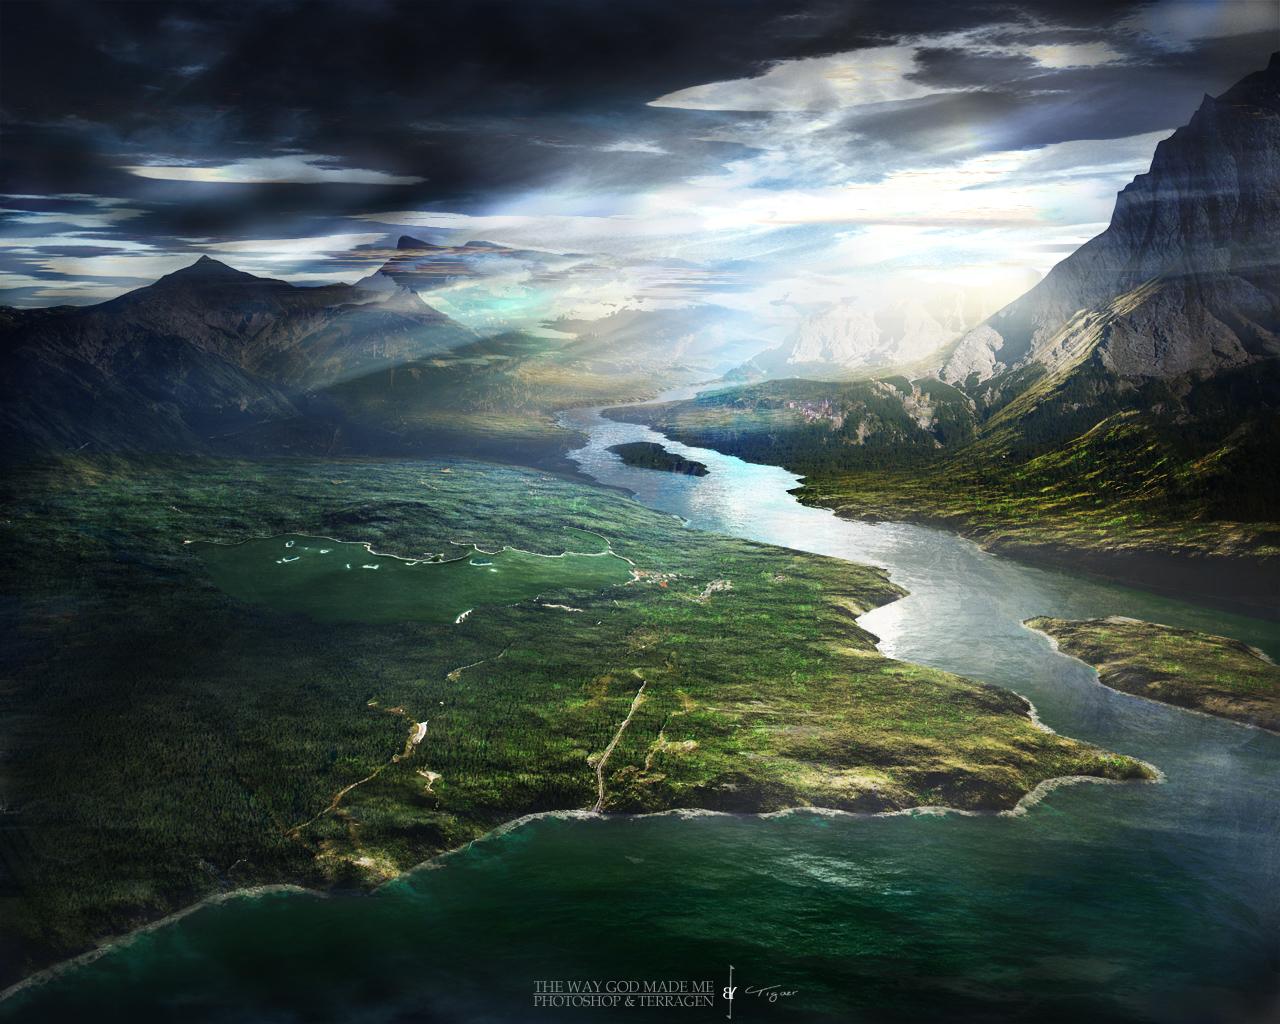 Terragen - The Way God Made Me